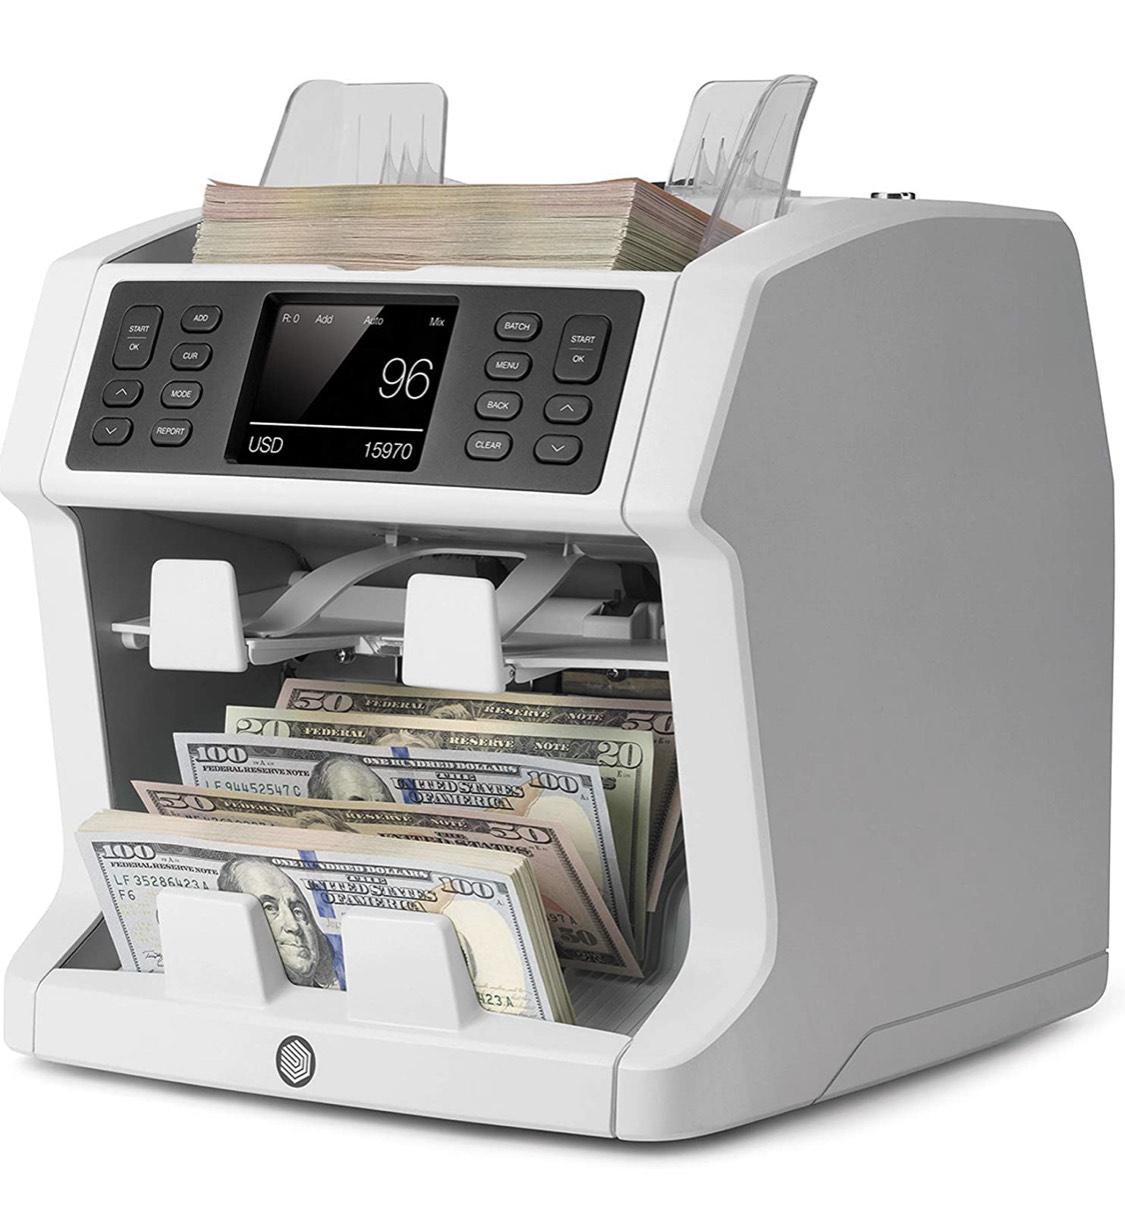 [Prijsfout] Safescan 2985-SX geldtelmachine